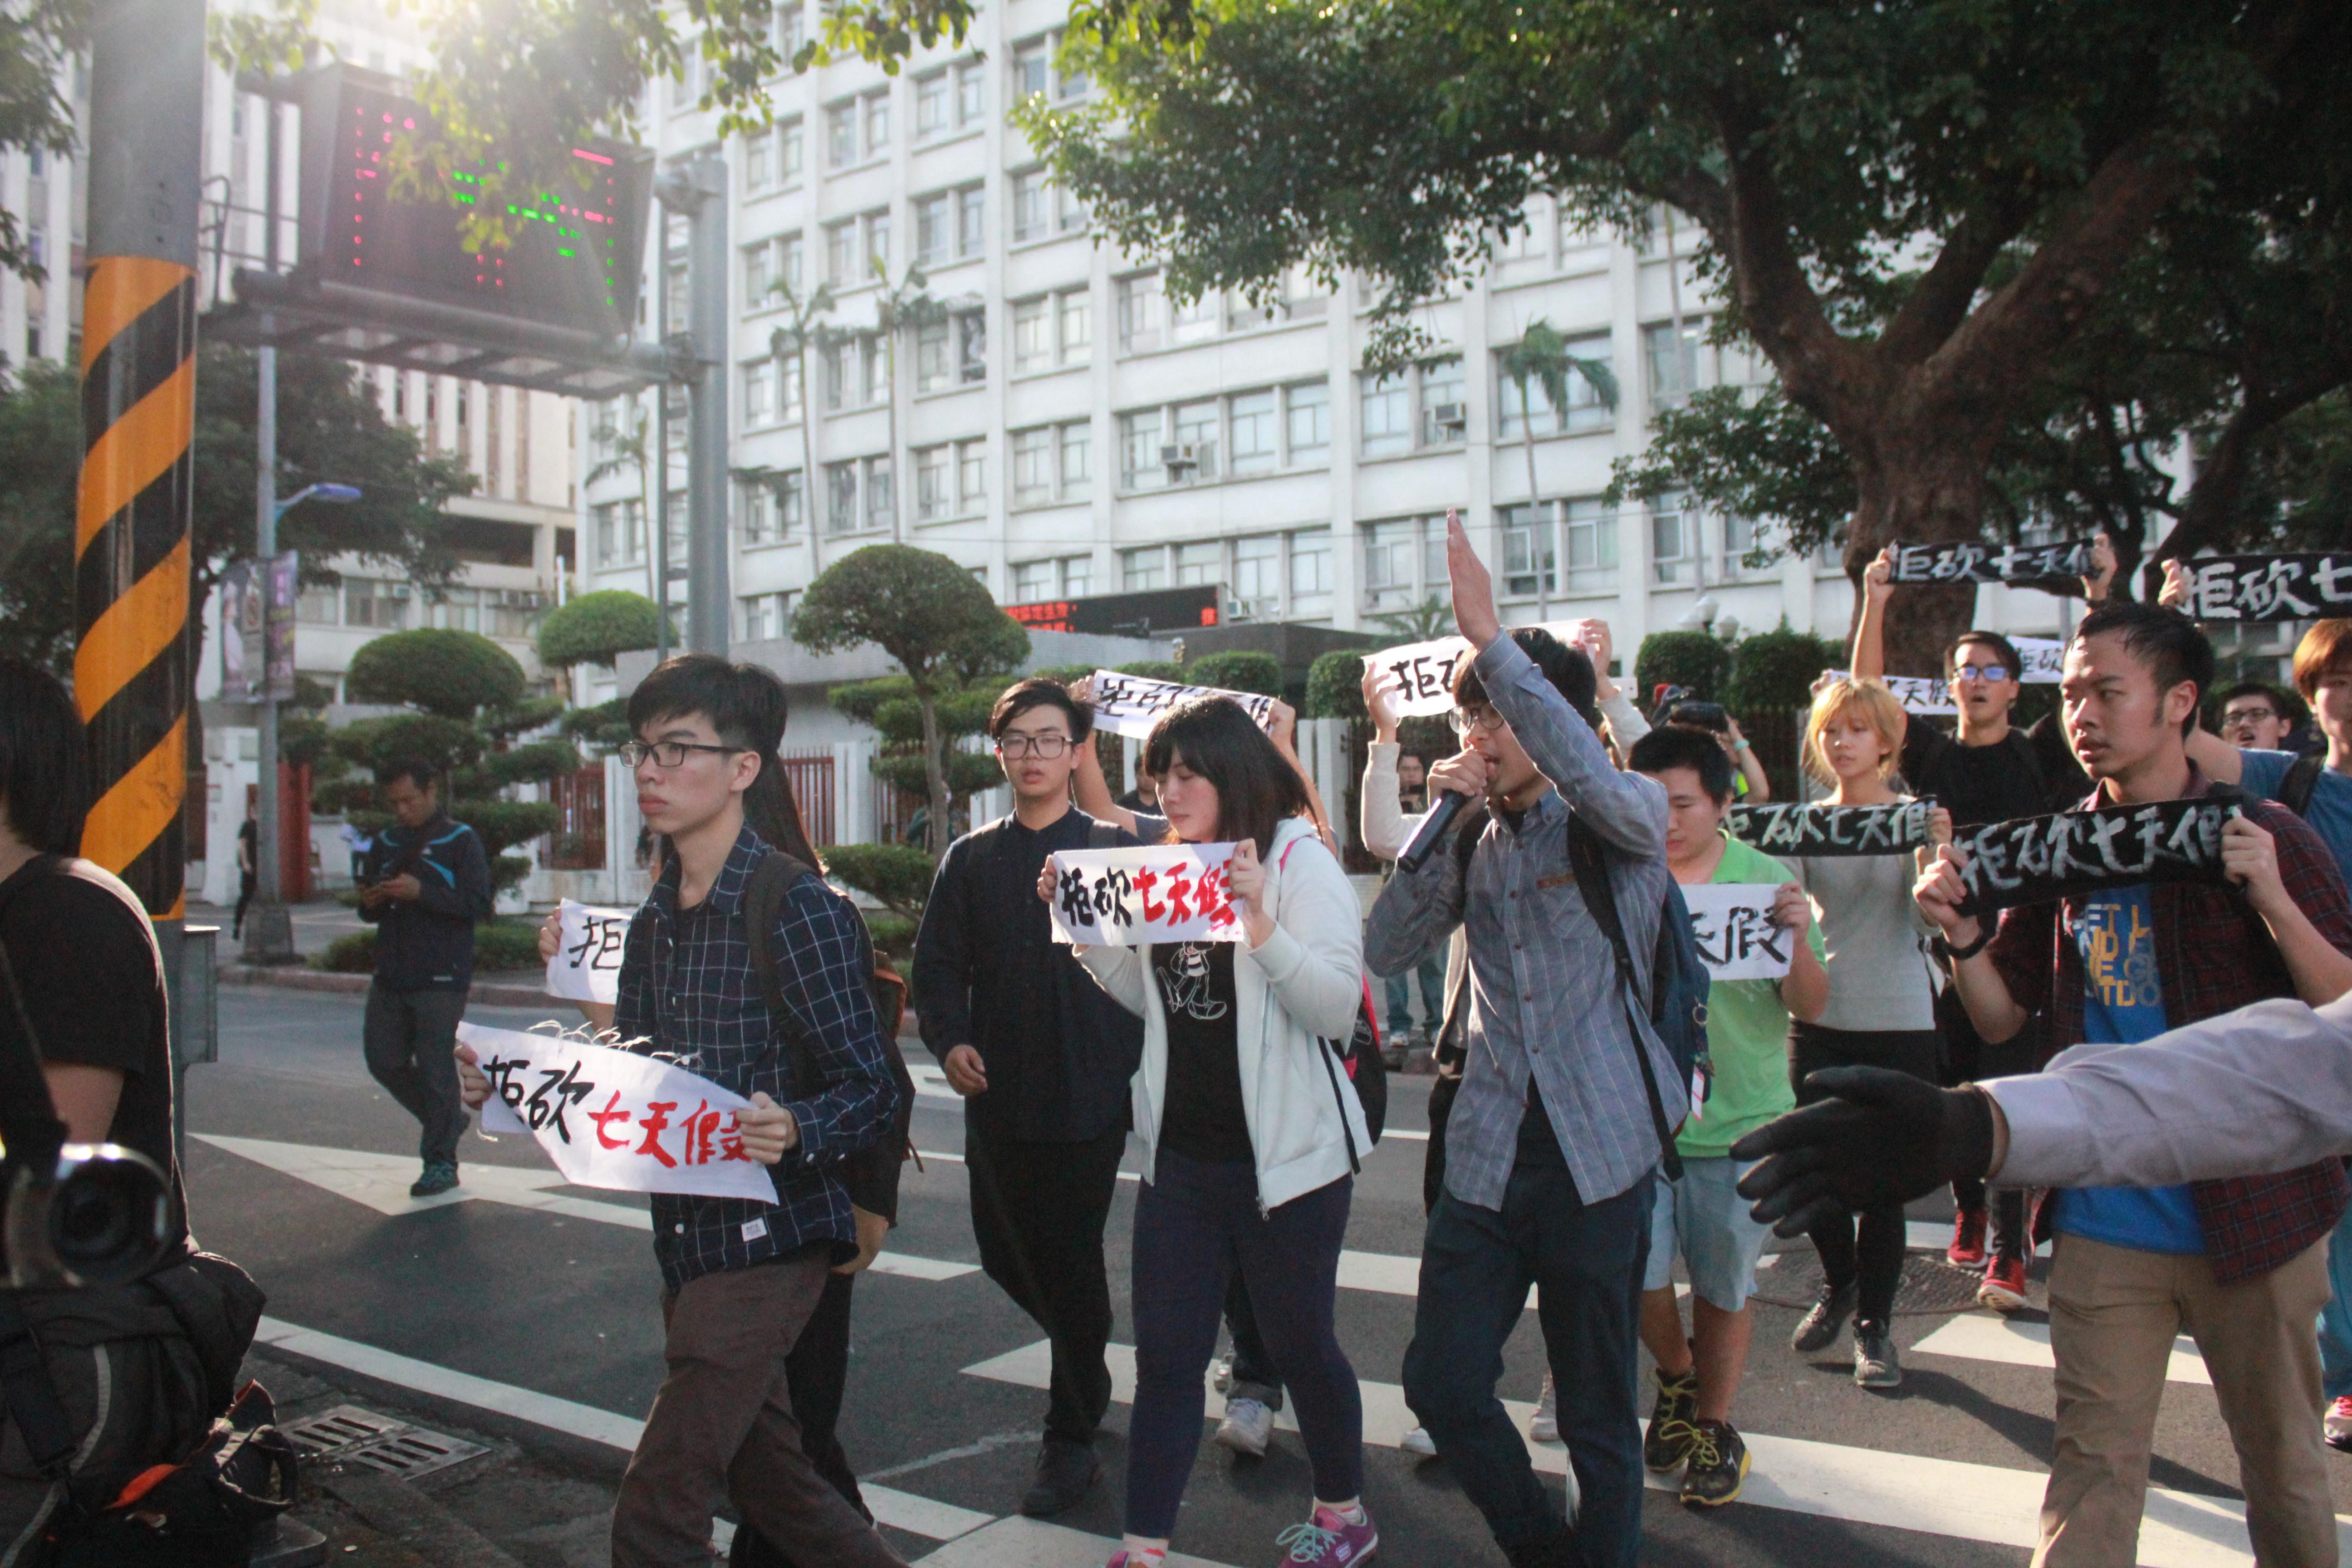 约八点左右,青年团体游行前往总统府。(摄影:张宗坤)